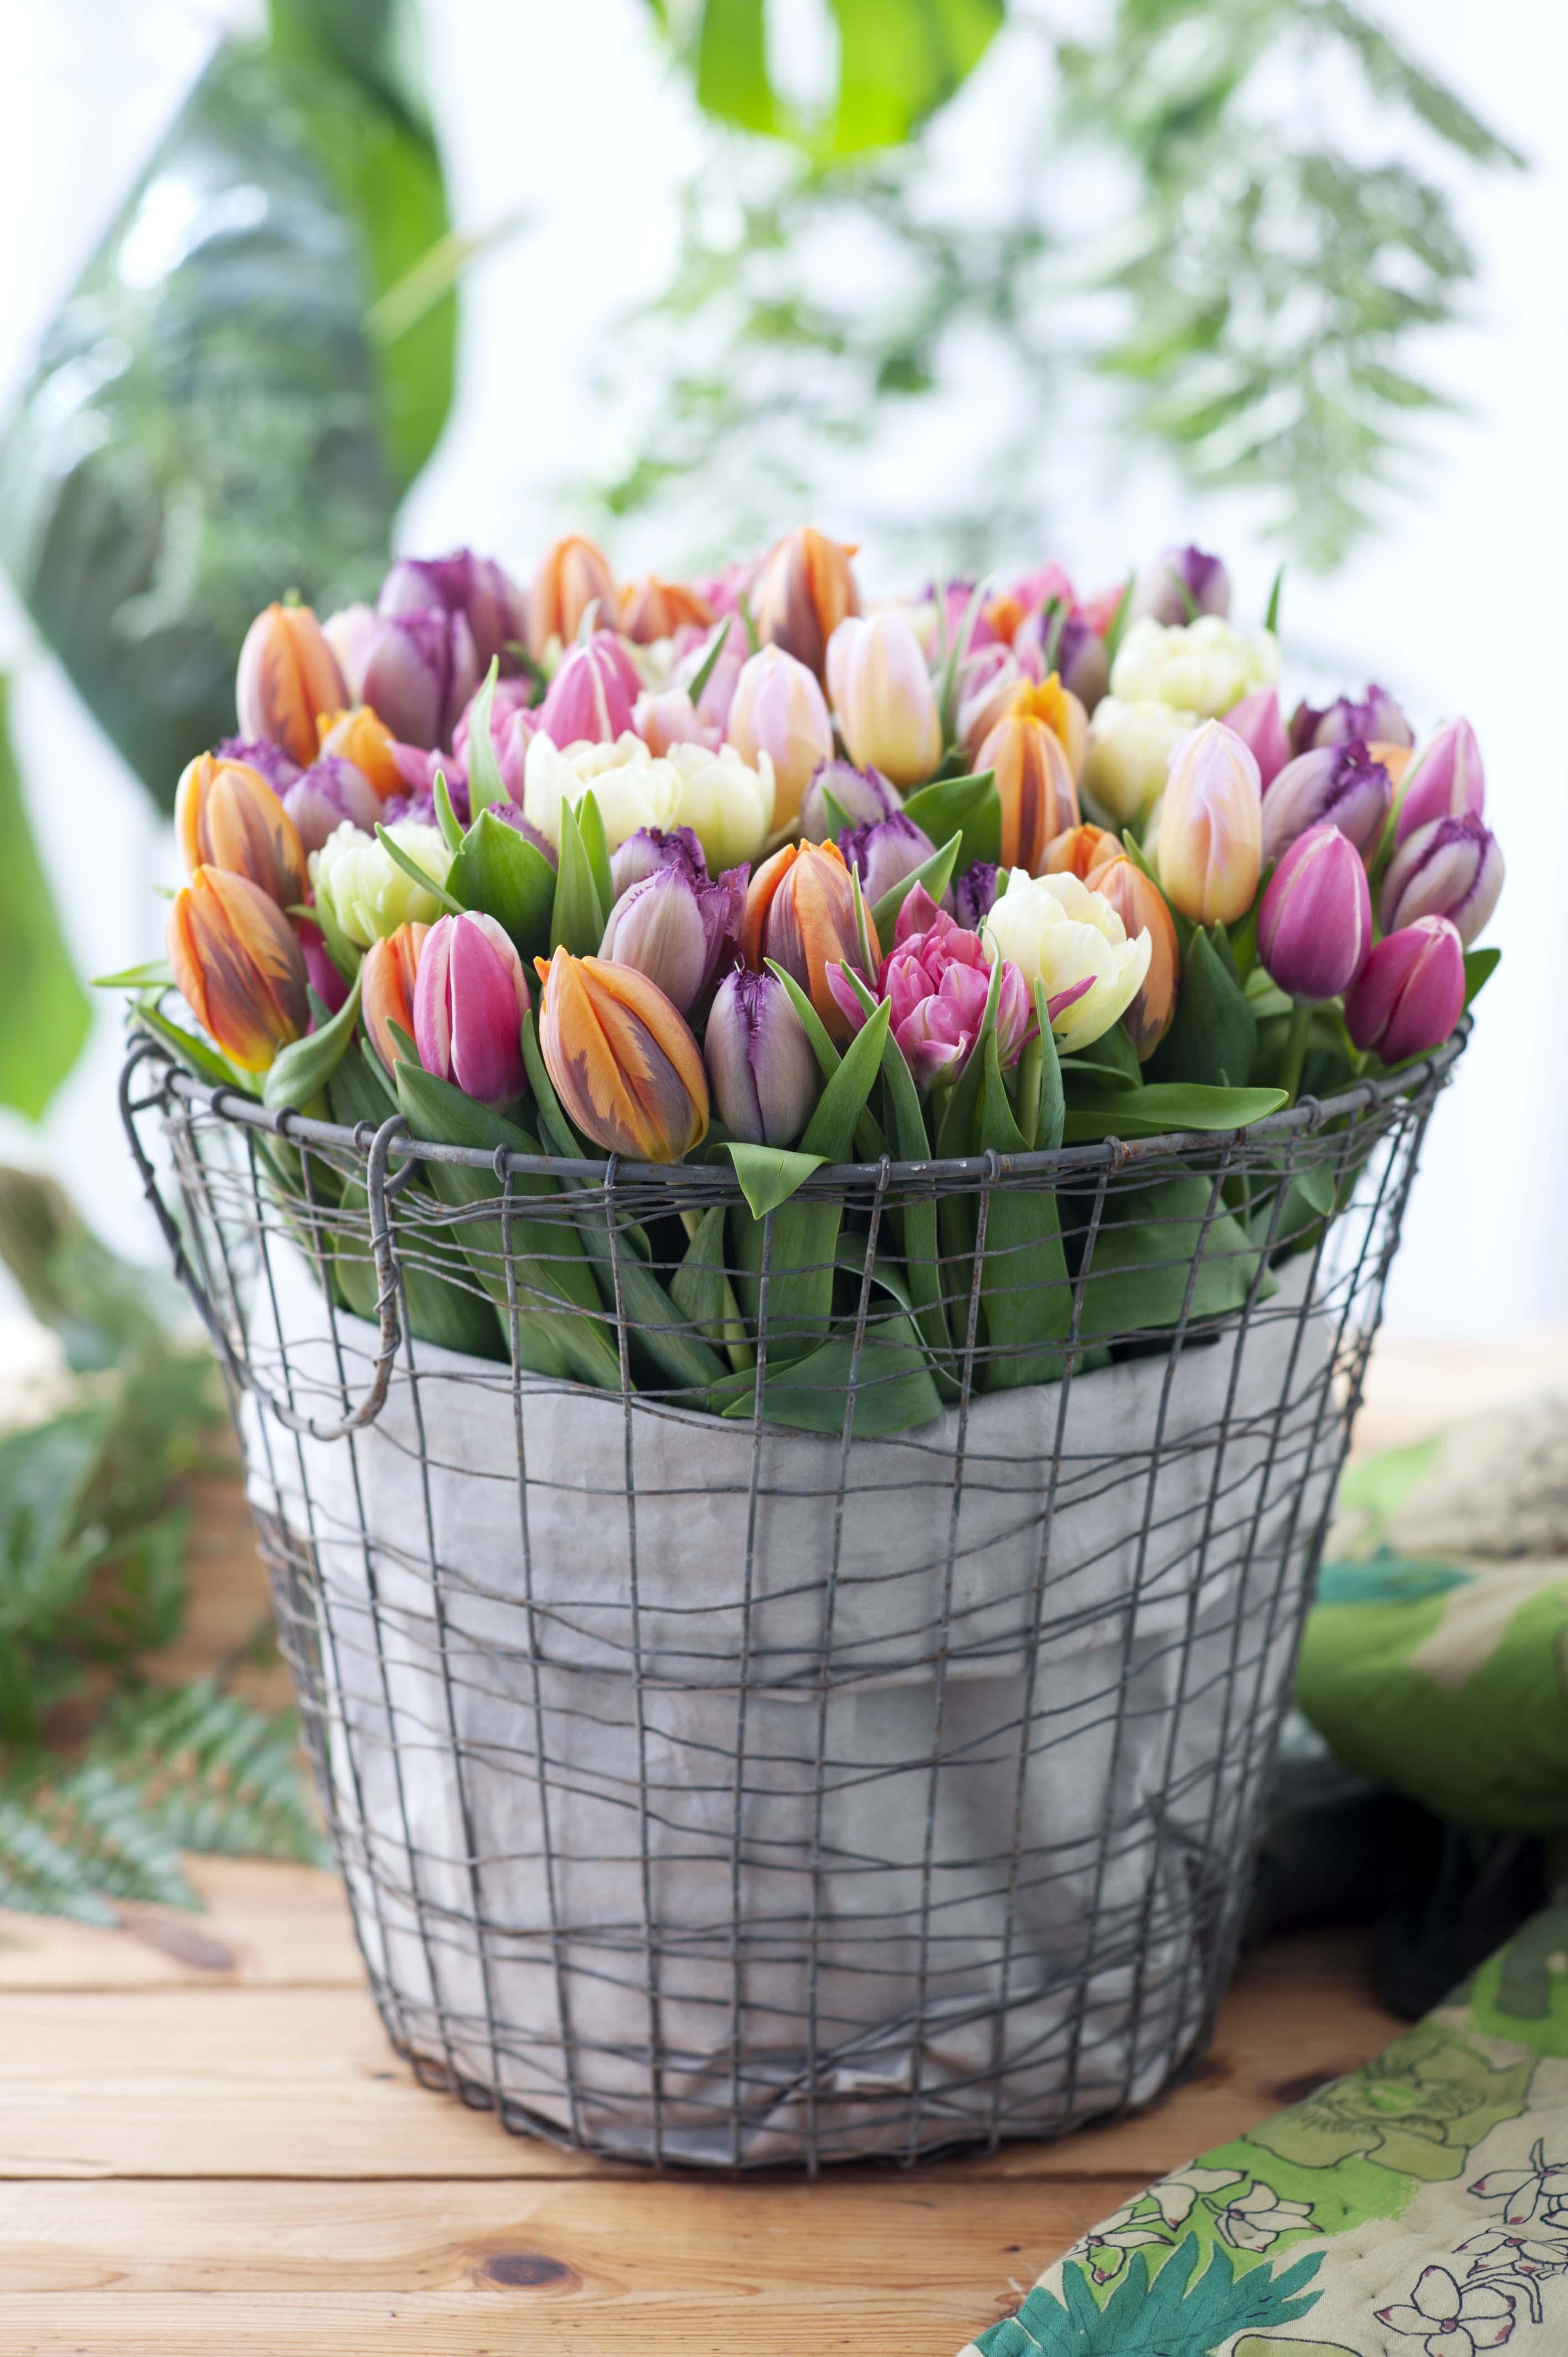 Vrolijk van de tulp mooi wat bloemen doen - Foto van decoratie ...